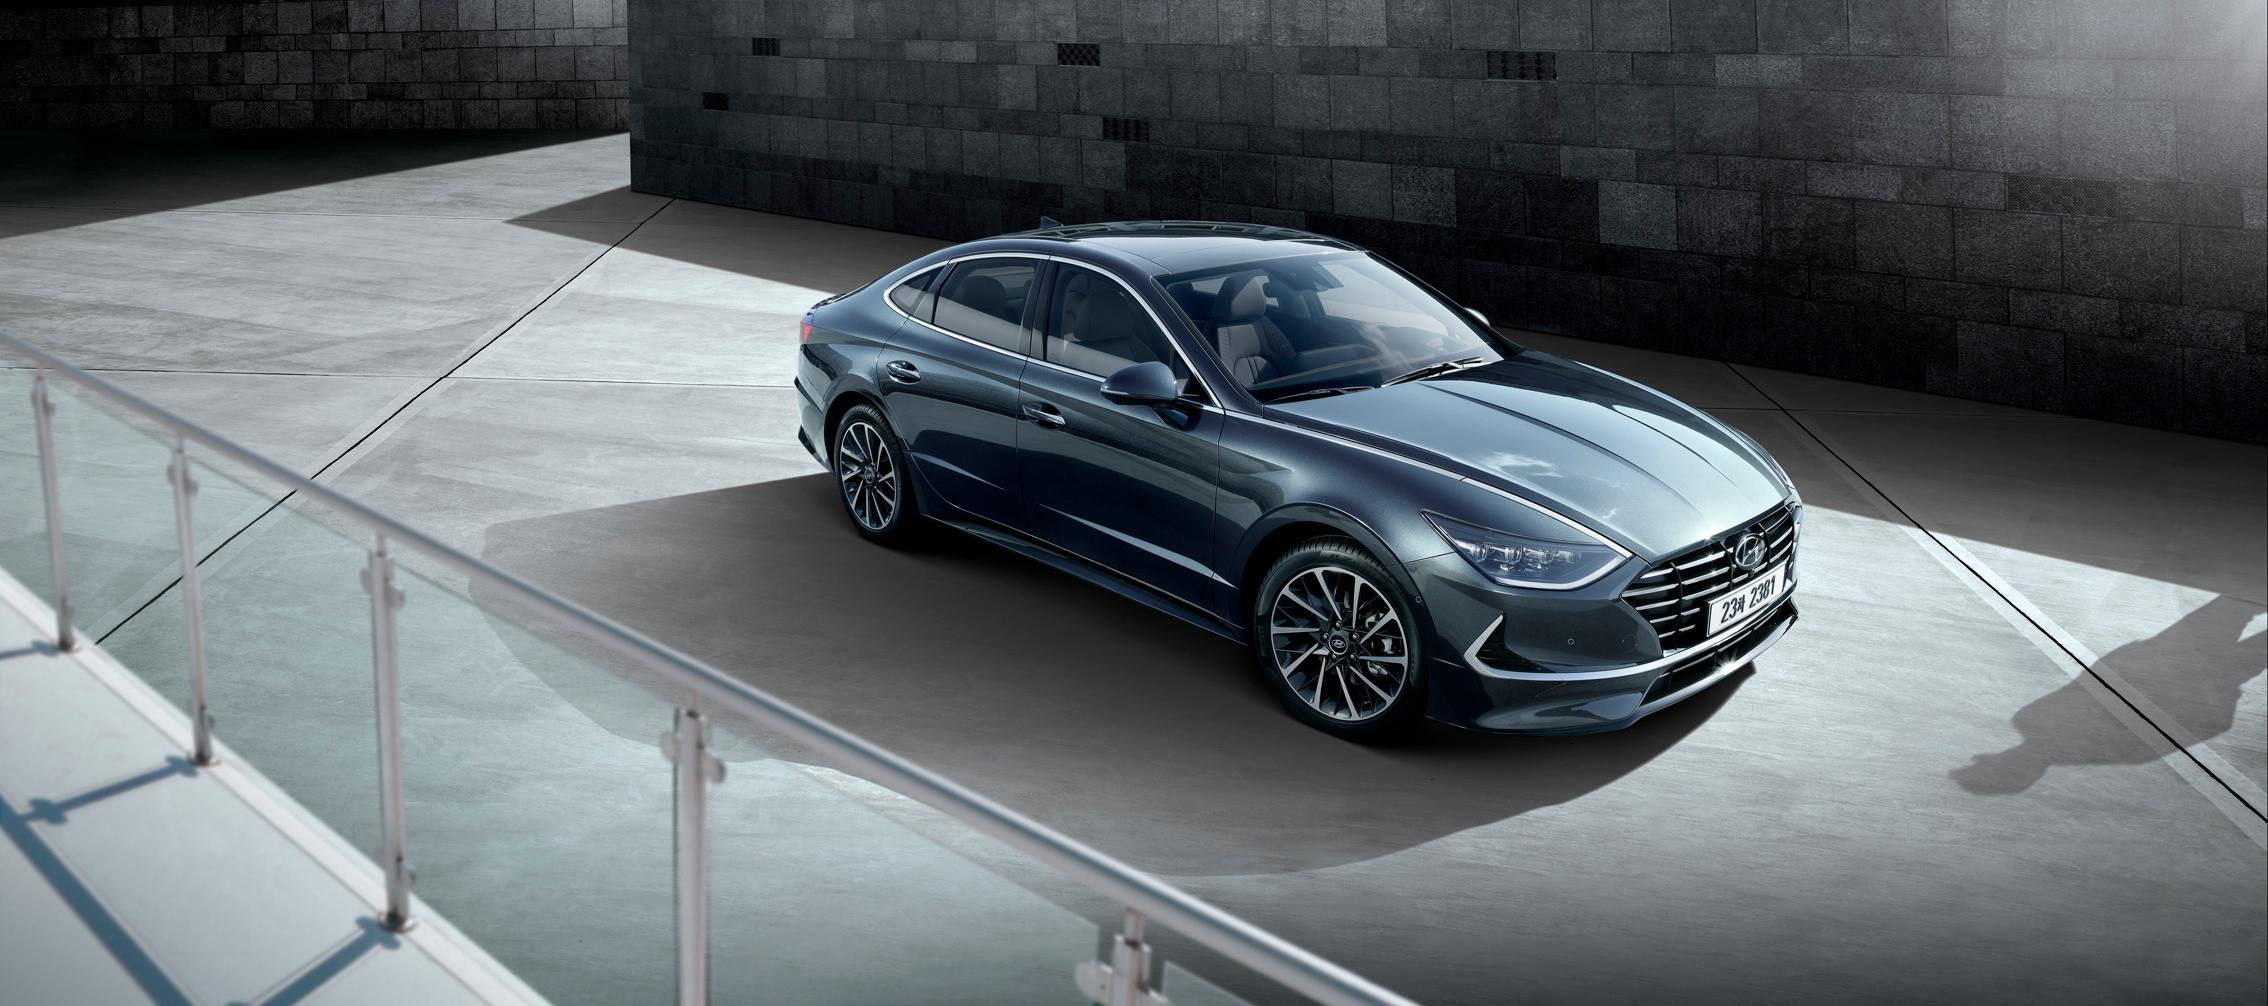 Hyundai Sonata, se muestran las primeras imágenes